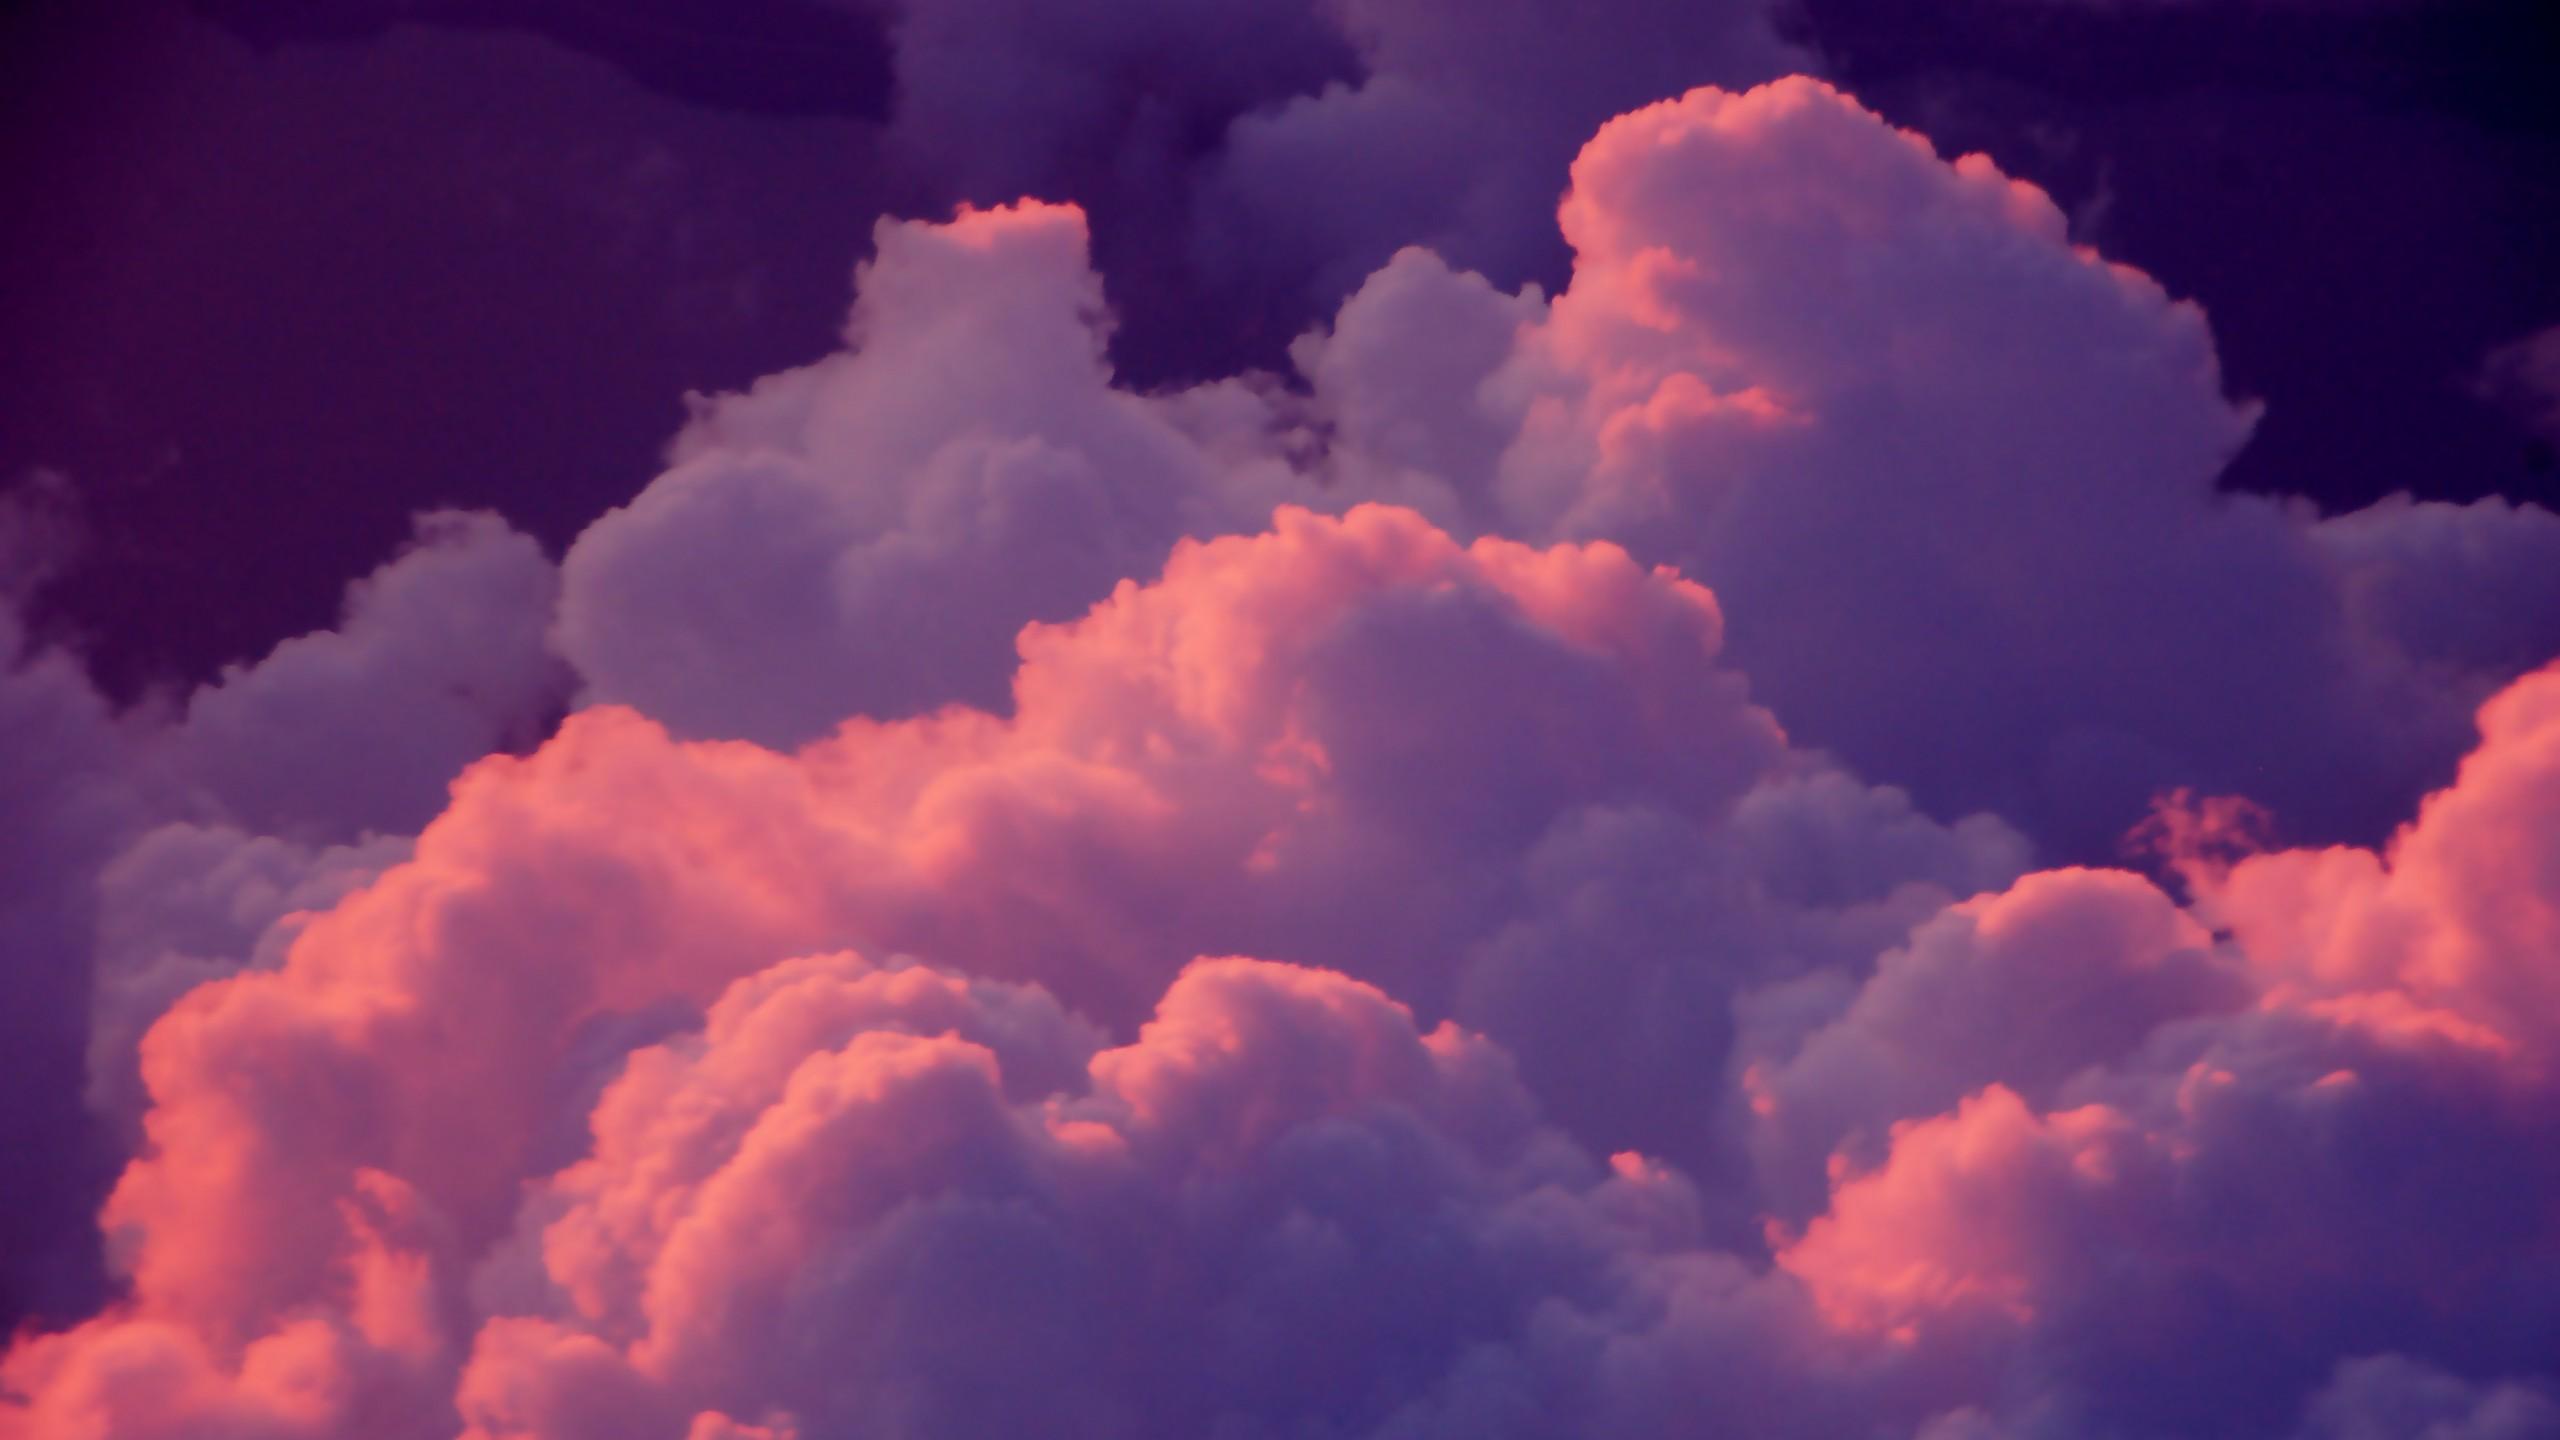 and purple clouds x post rWQHD wallpaper [2560x1440] wallpapers 2560x1440